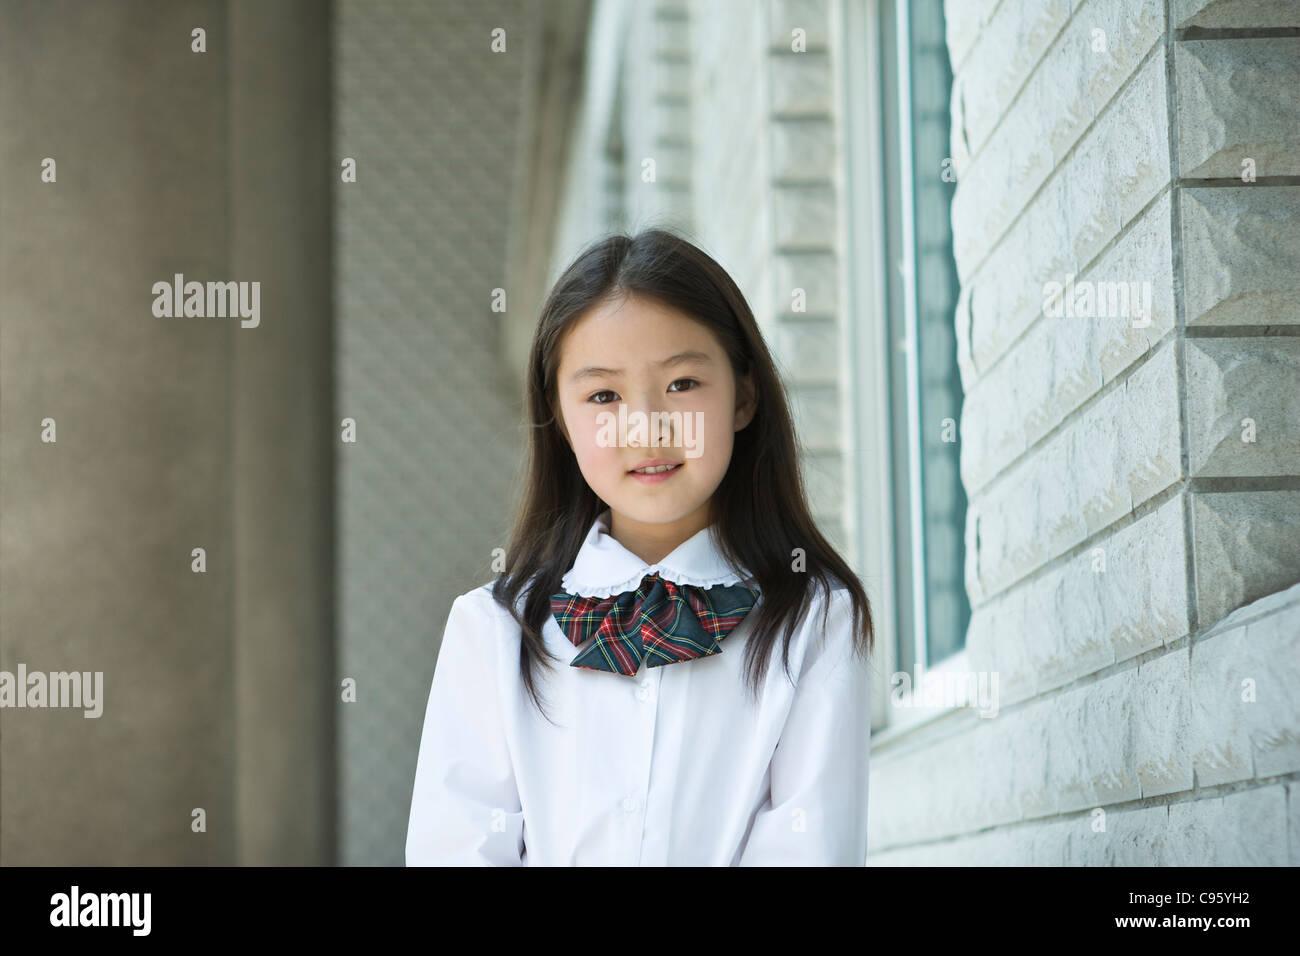 Asian Schoolgirl In School Uniform